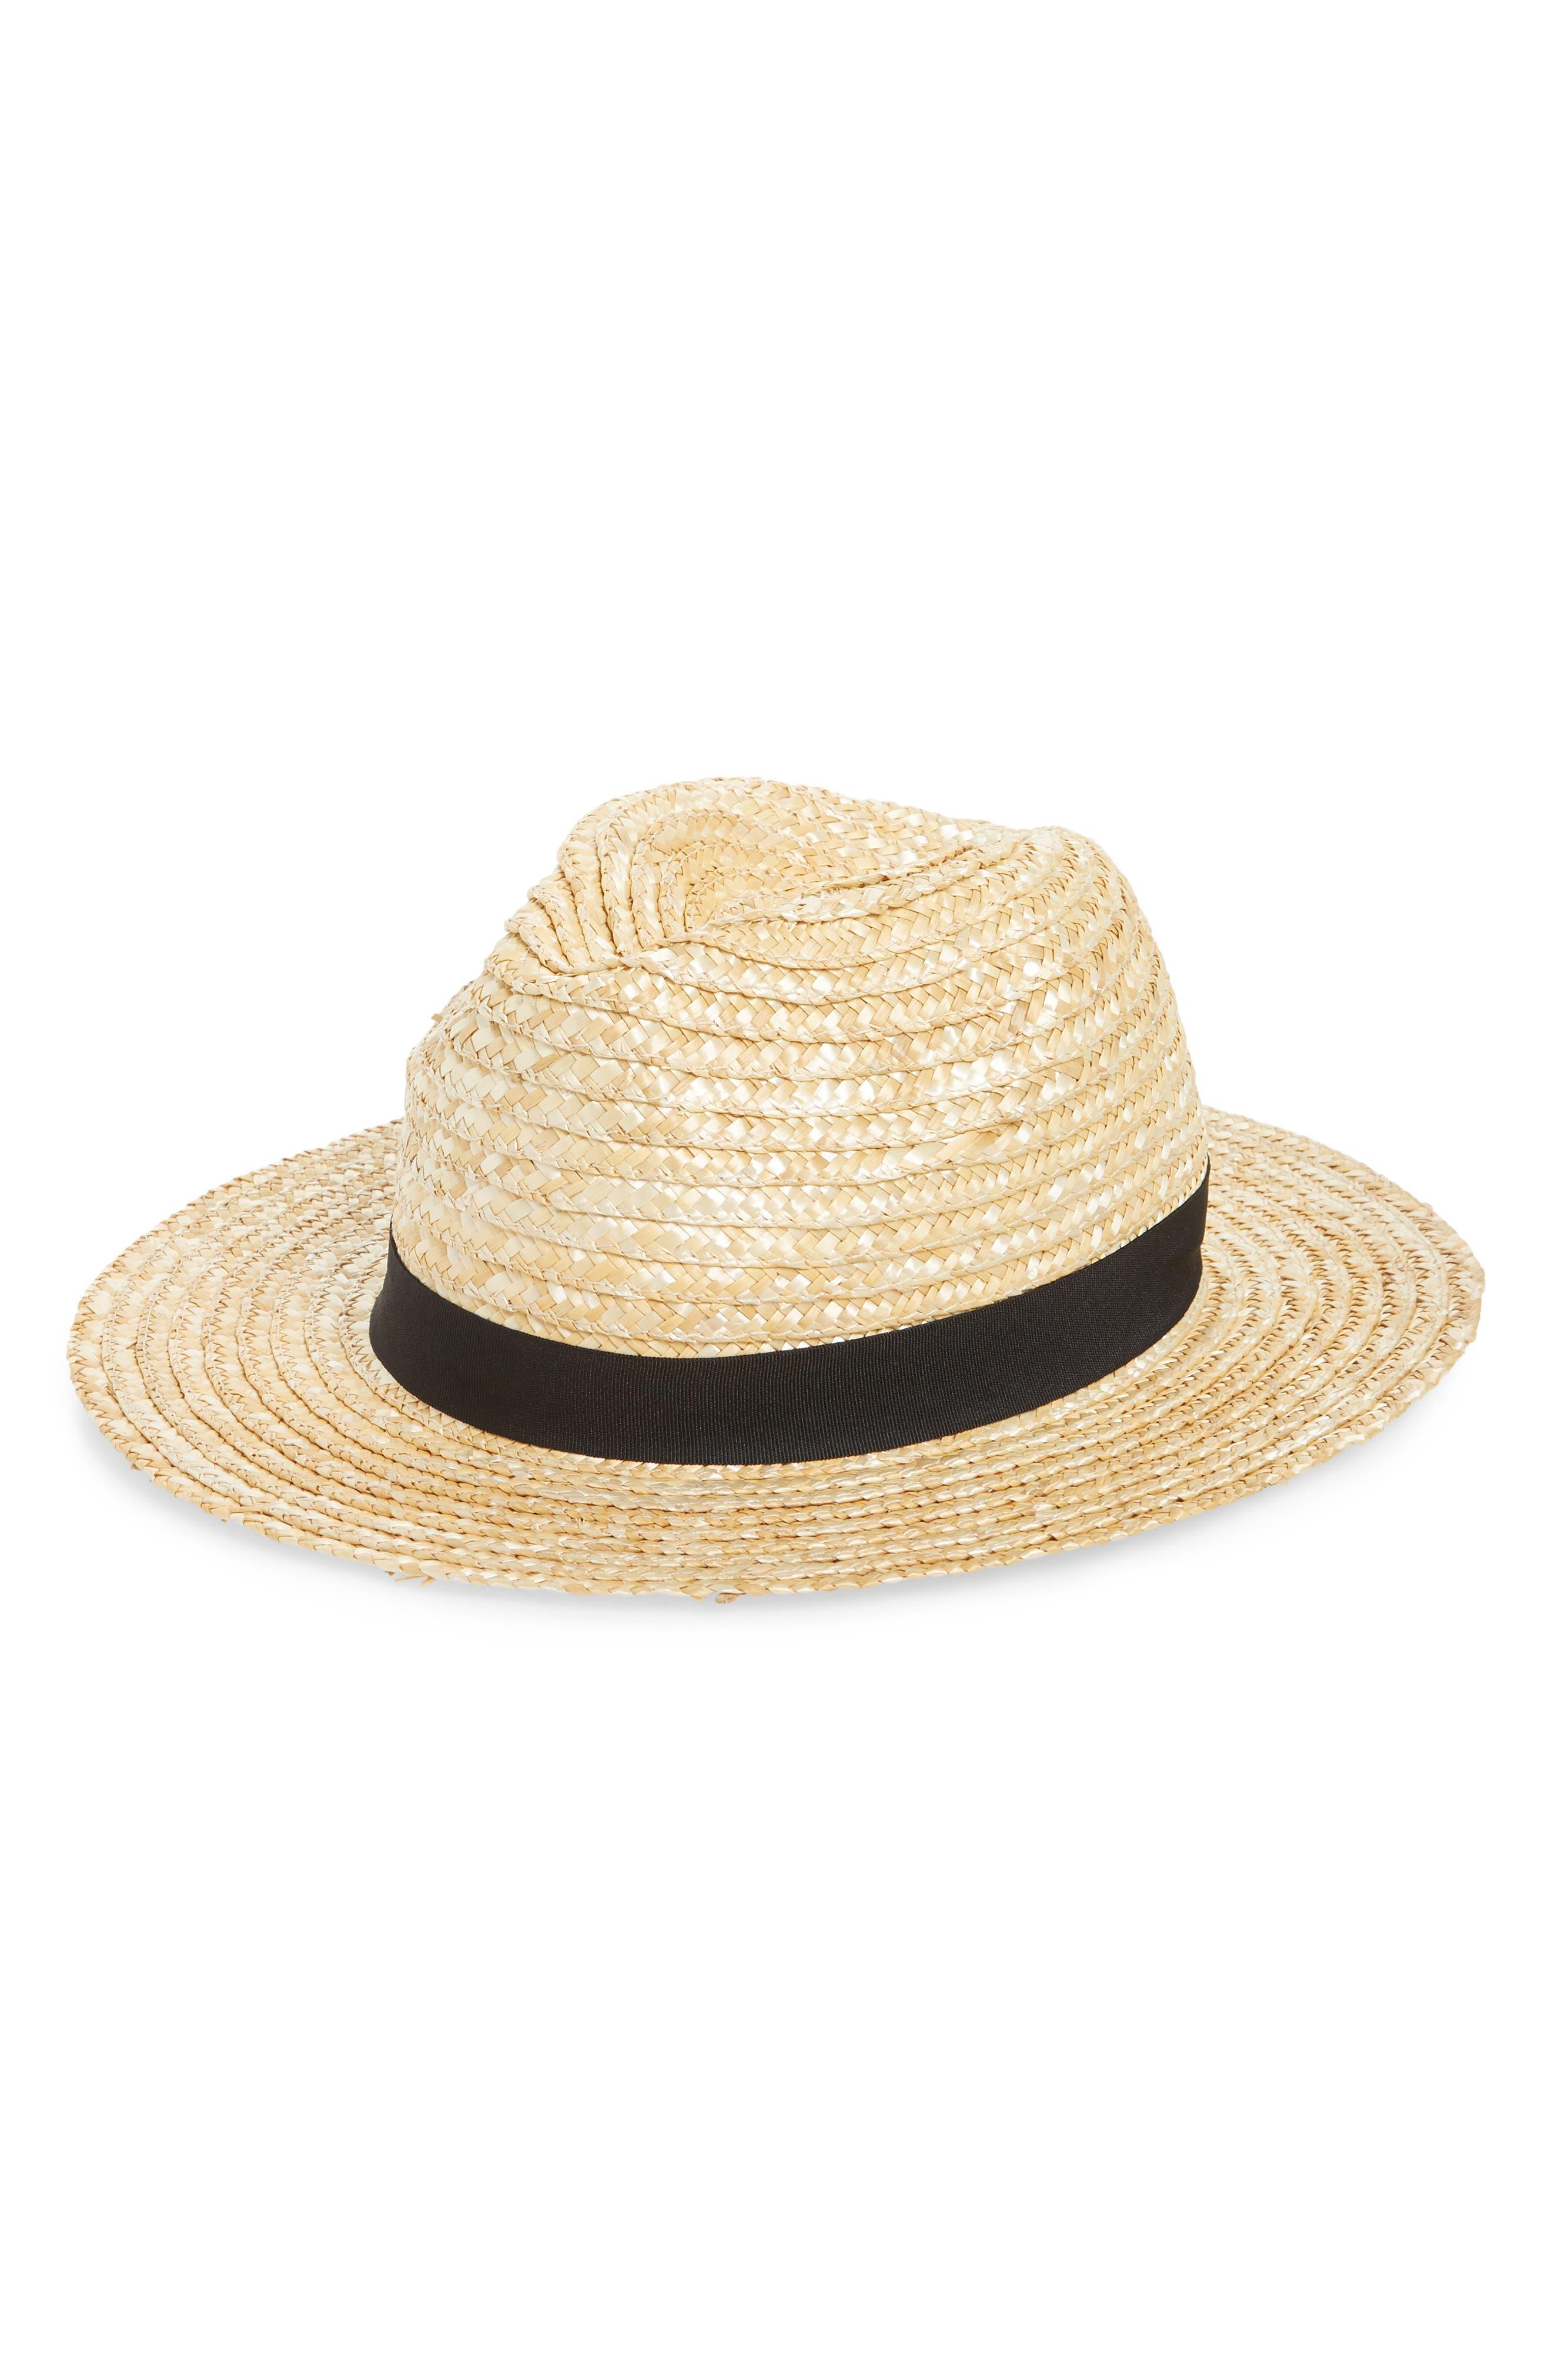 Braided Panama Hat,                             Main thumbnail 1, color,                             250